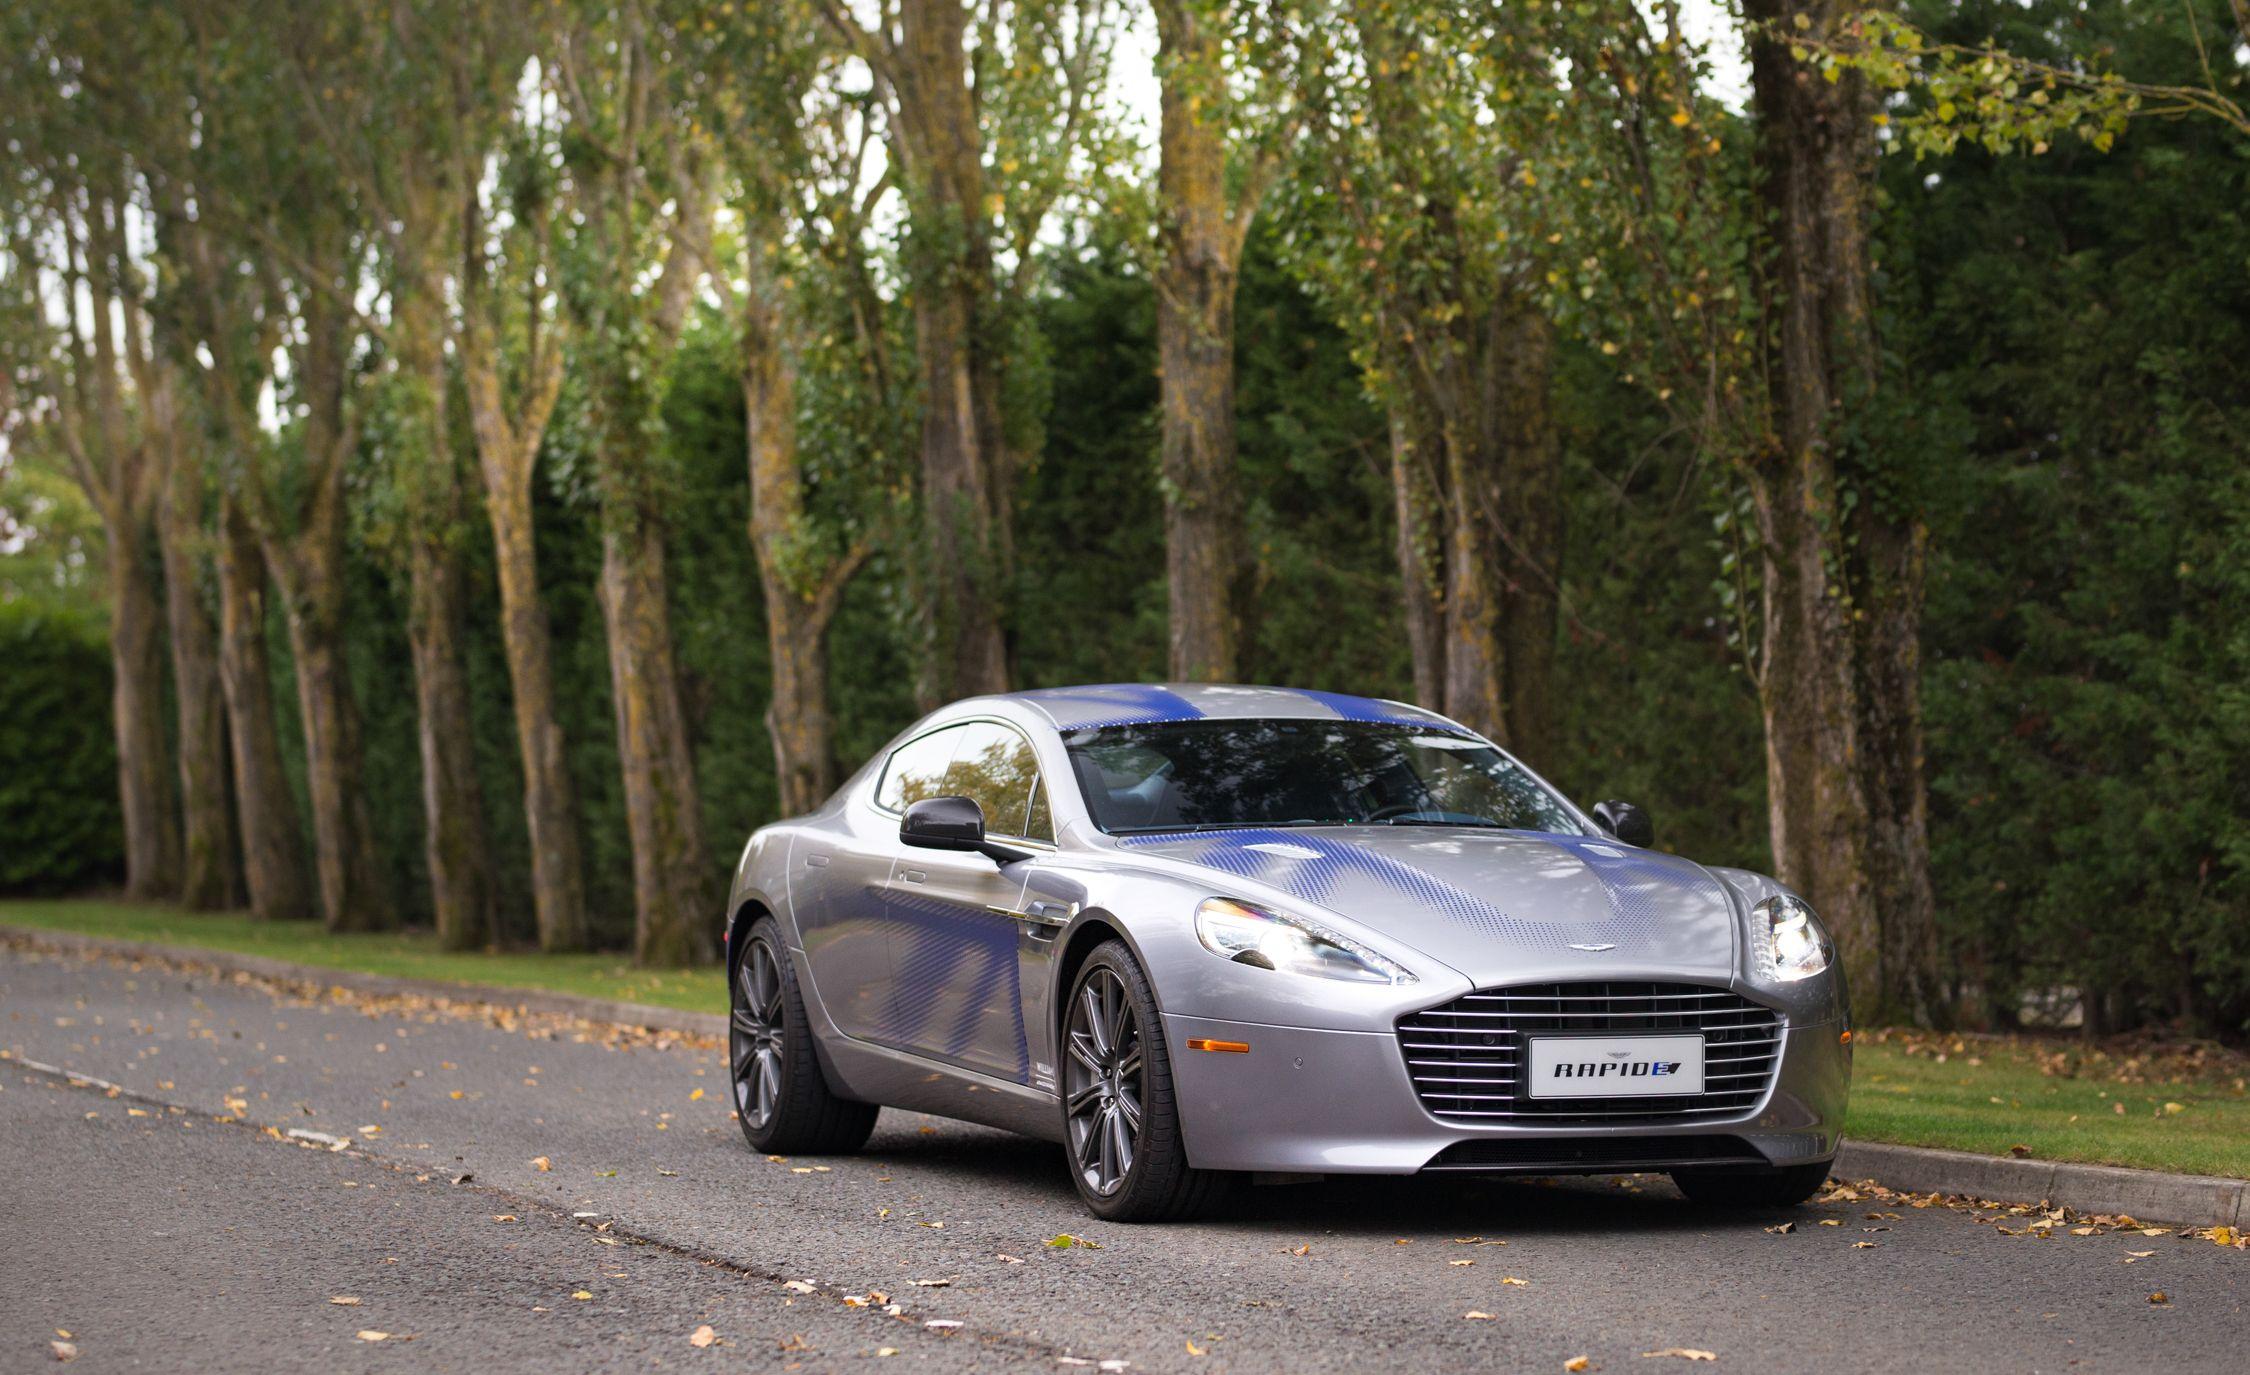 Aston Martin Rapide S Reviews Aston Martin Rapide S Price Photos - Aston martin 117